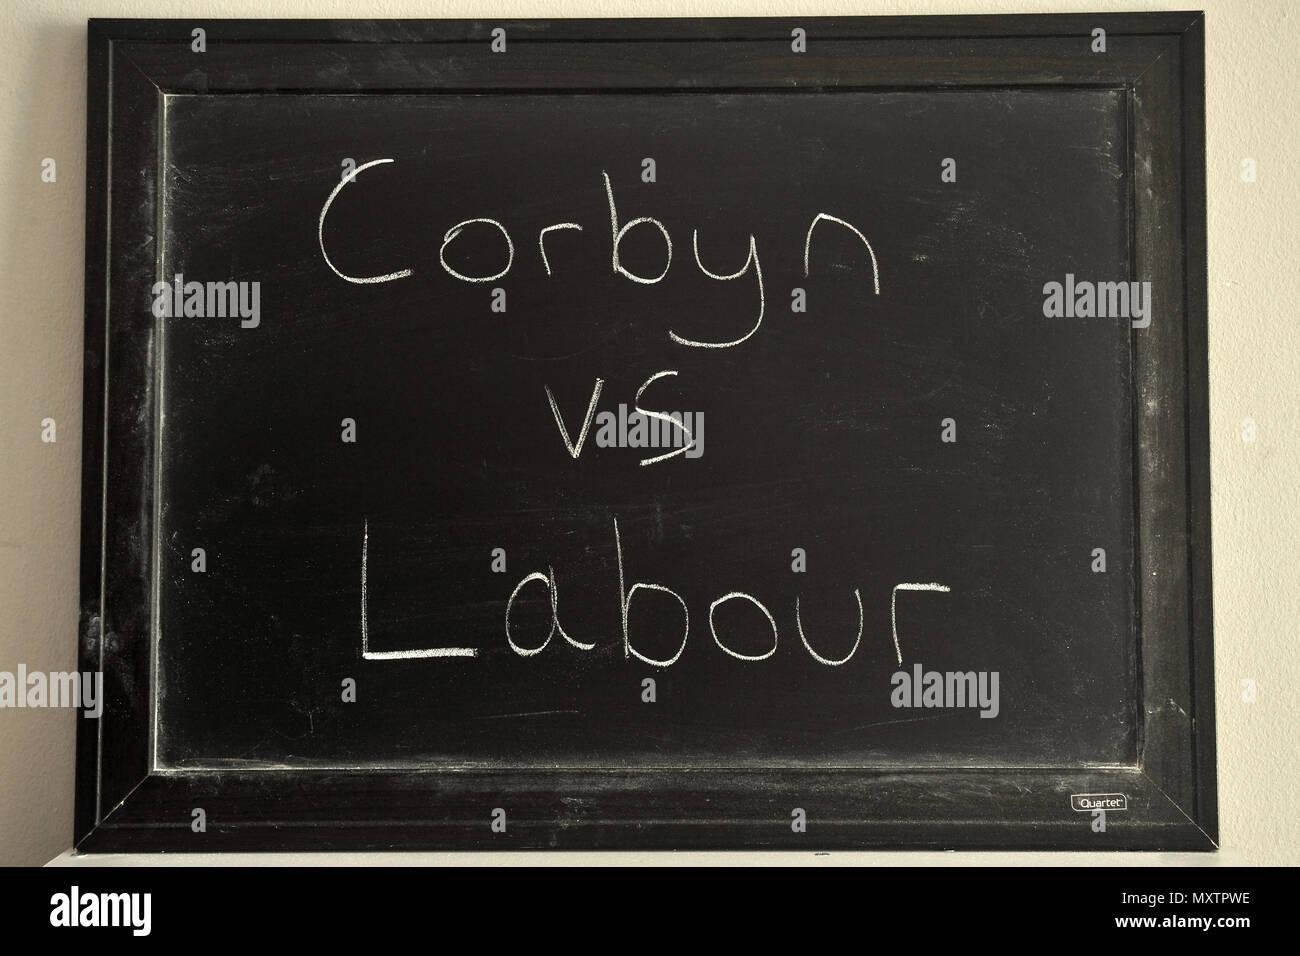 Corbyn vs Labour written in white chalk on a blackboard. - Stock Image